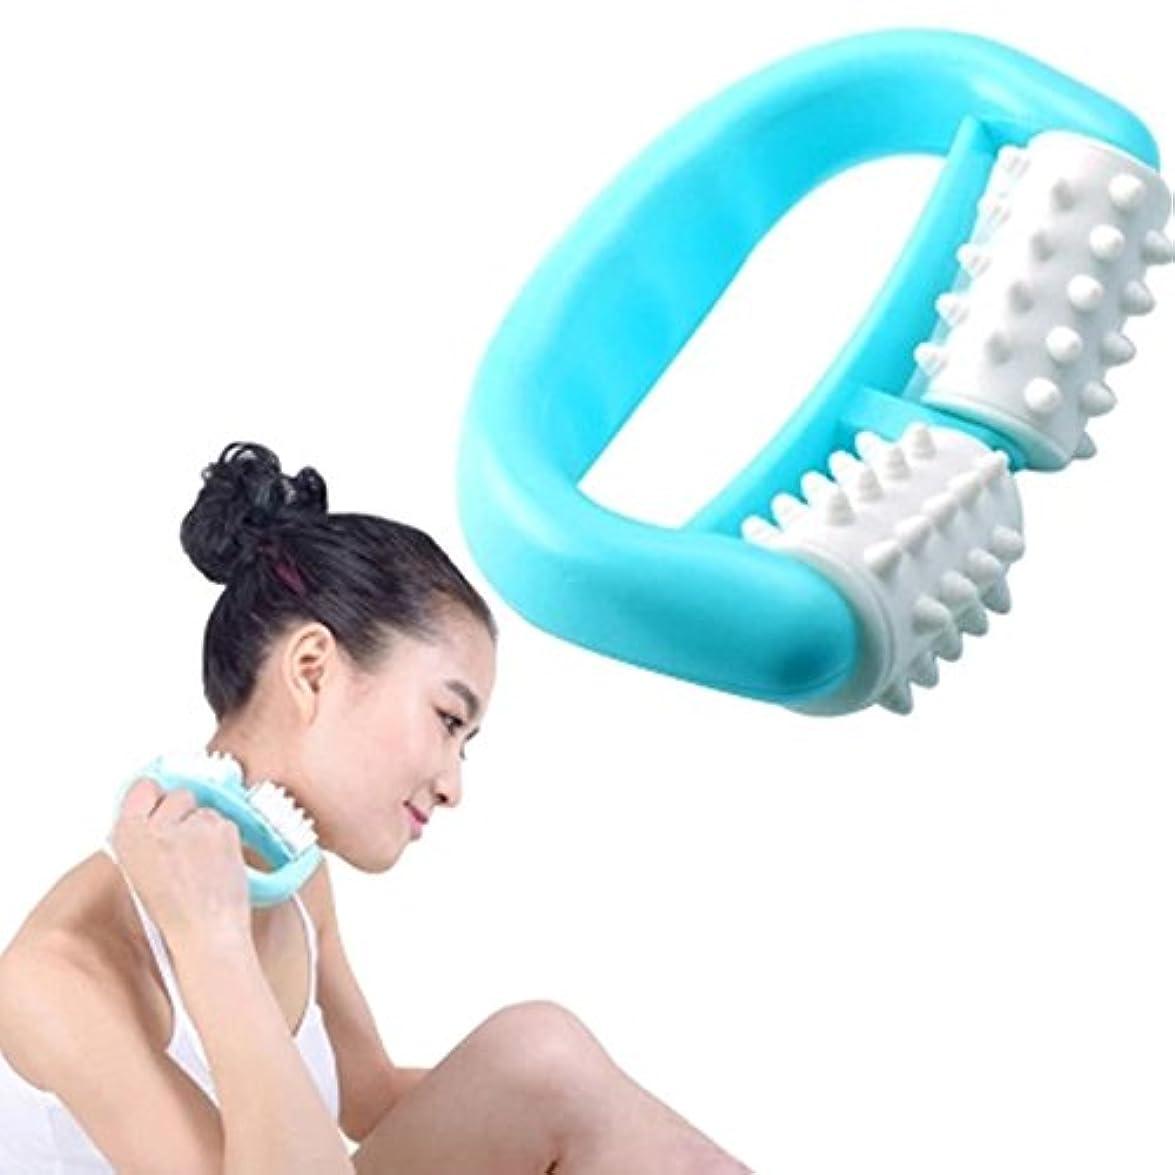 振動させるナチュラアセLittleliving マッサージ ブラシ ローラー ダイエットボディローラー セルフケア 筋膜リリース 脂肪除去 ボディシェイプ 足 ほぐし 血行促進 浮腫み解消 疲労回復